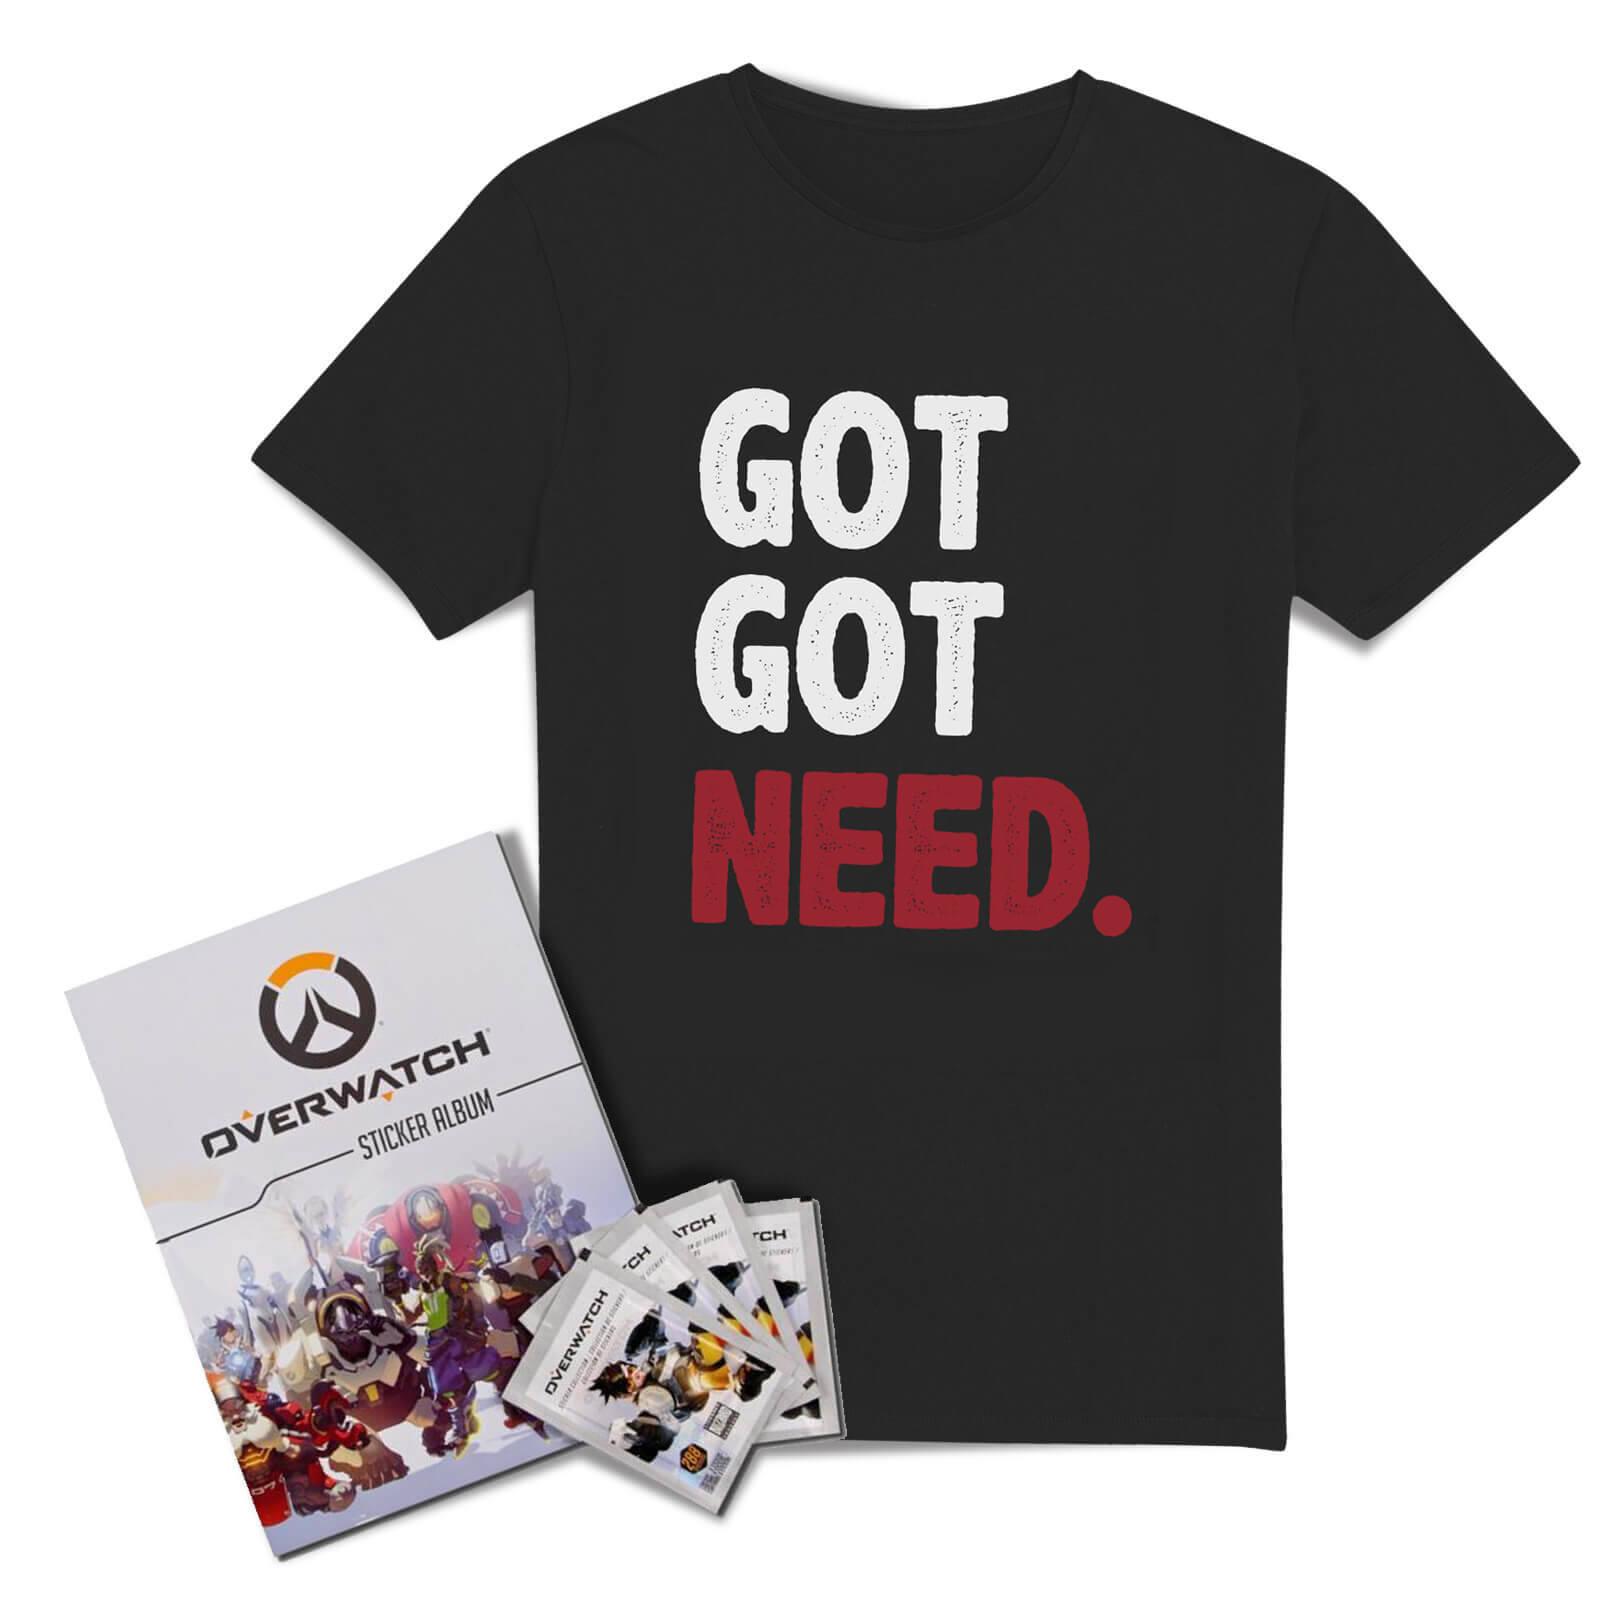 Pack Overwatch : 1 T-Shirt officiel (pour adulte ou enfant) + L'album de stickers collector + 50 packs d'autocollants